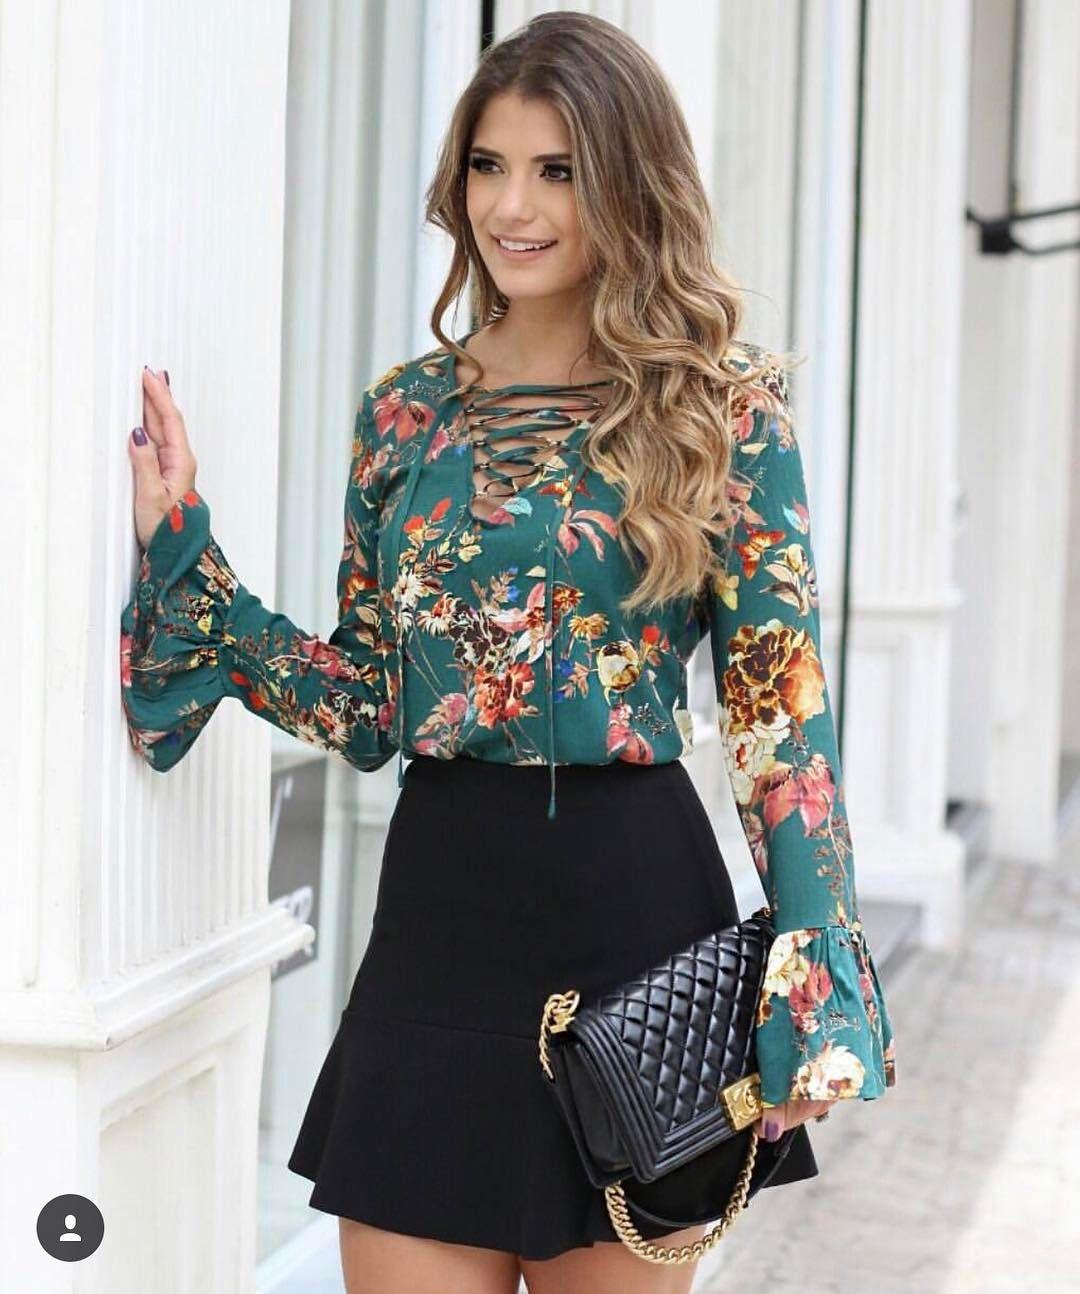 Blusa crepe floral R 139,00 Tam P(38) M(40) G(42) ▷️Site para compras  www.sibellemodas.com.br✓ ▷️Aceitamos todos os cartões de crédito ▷️Cartão  de ... 190c5043c3